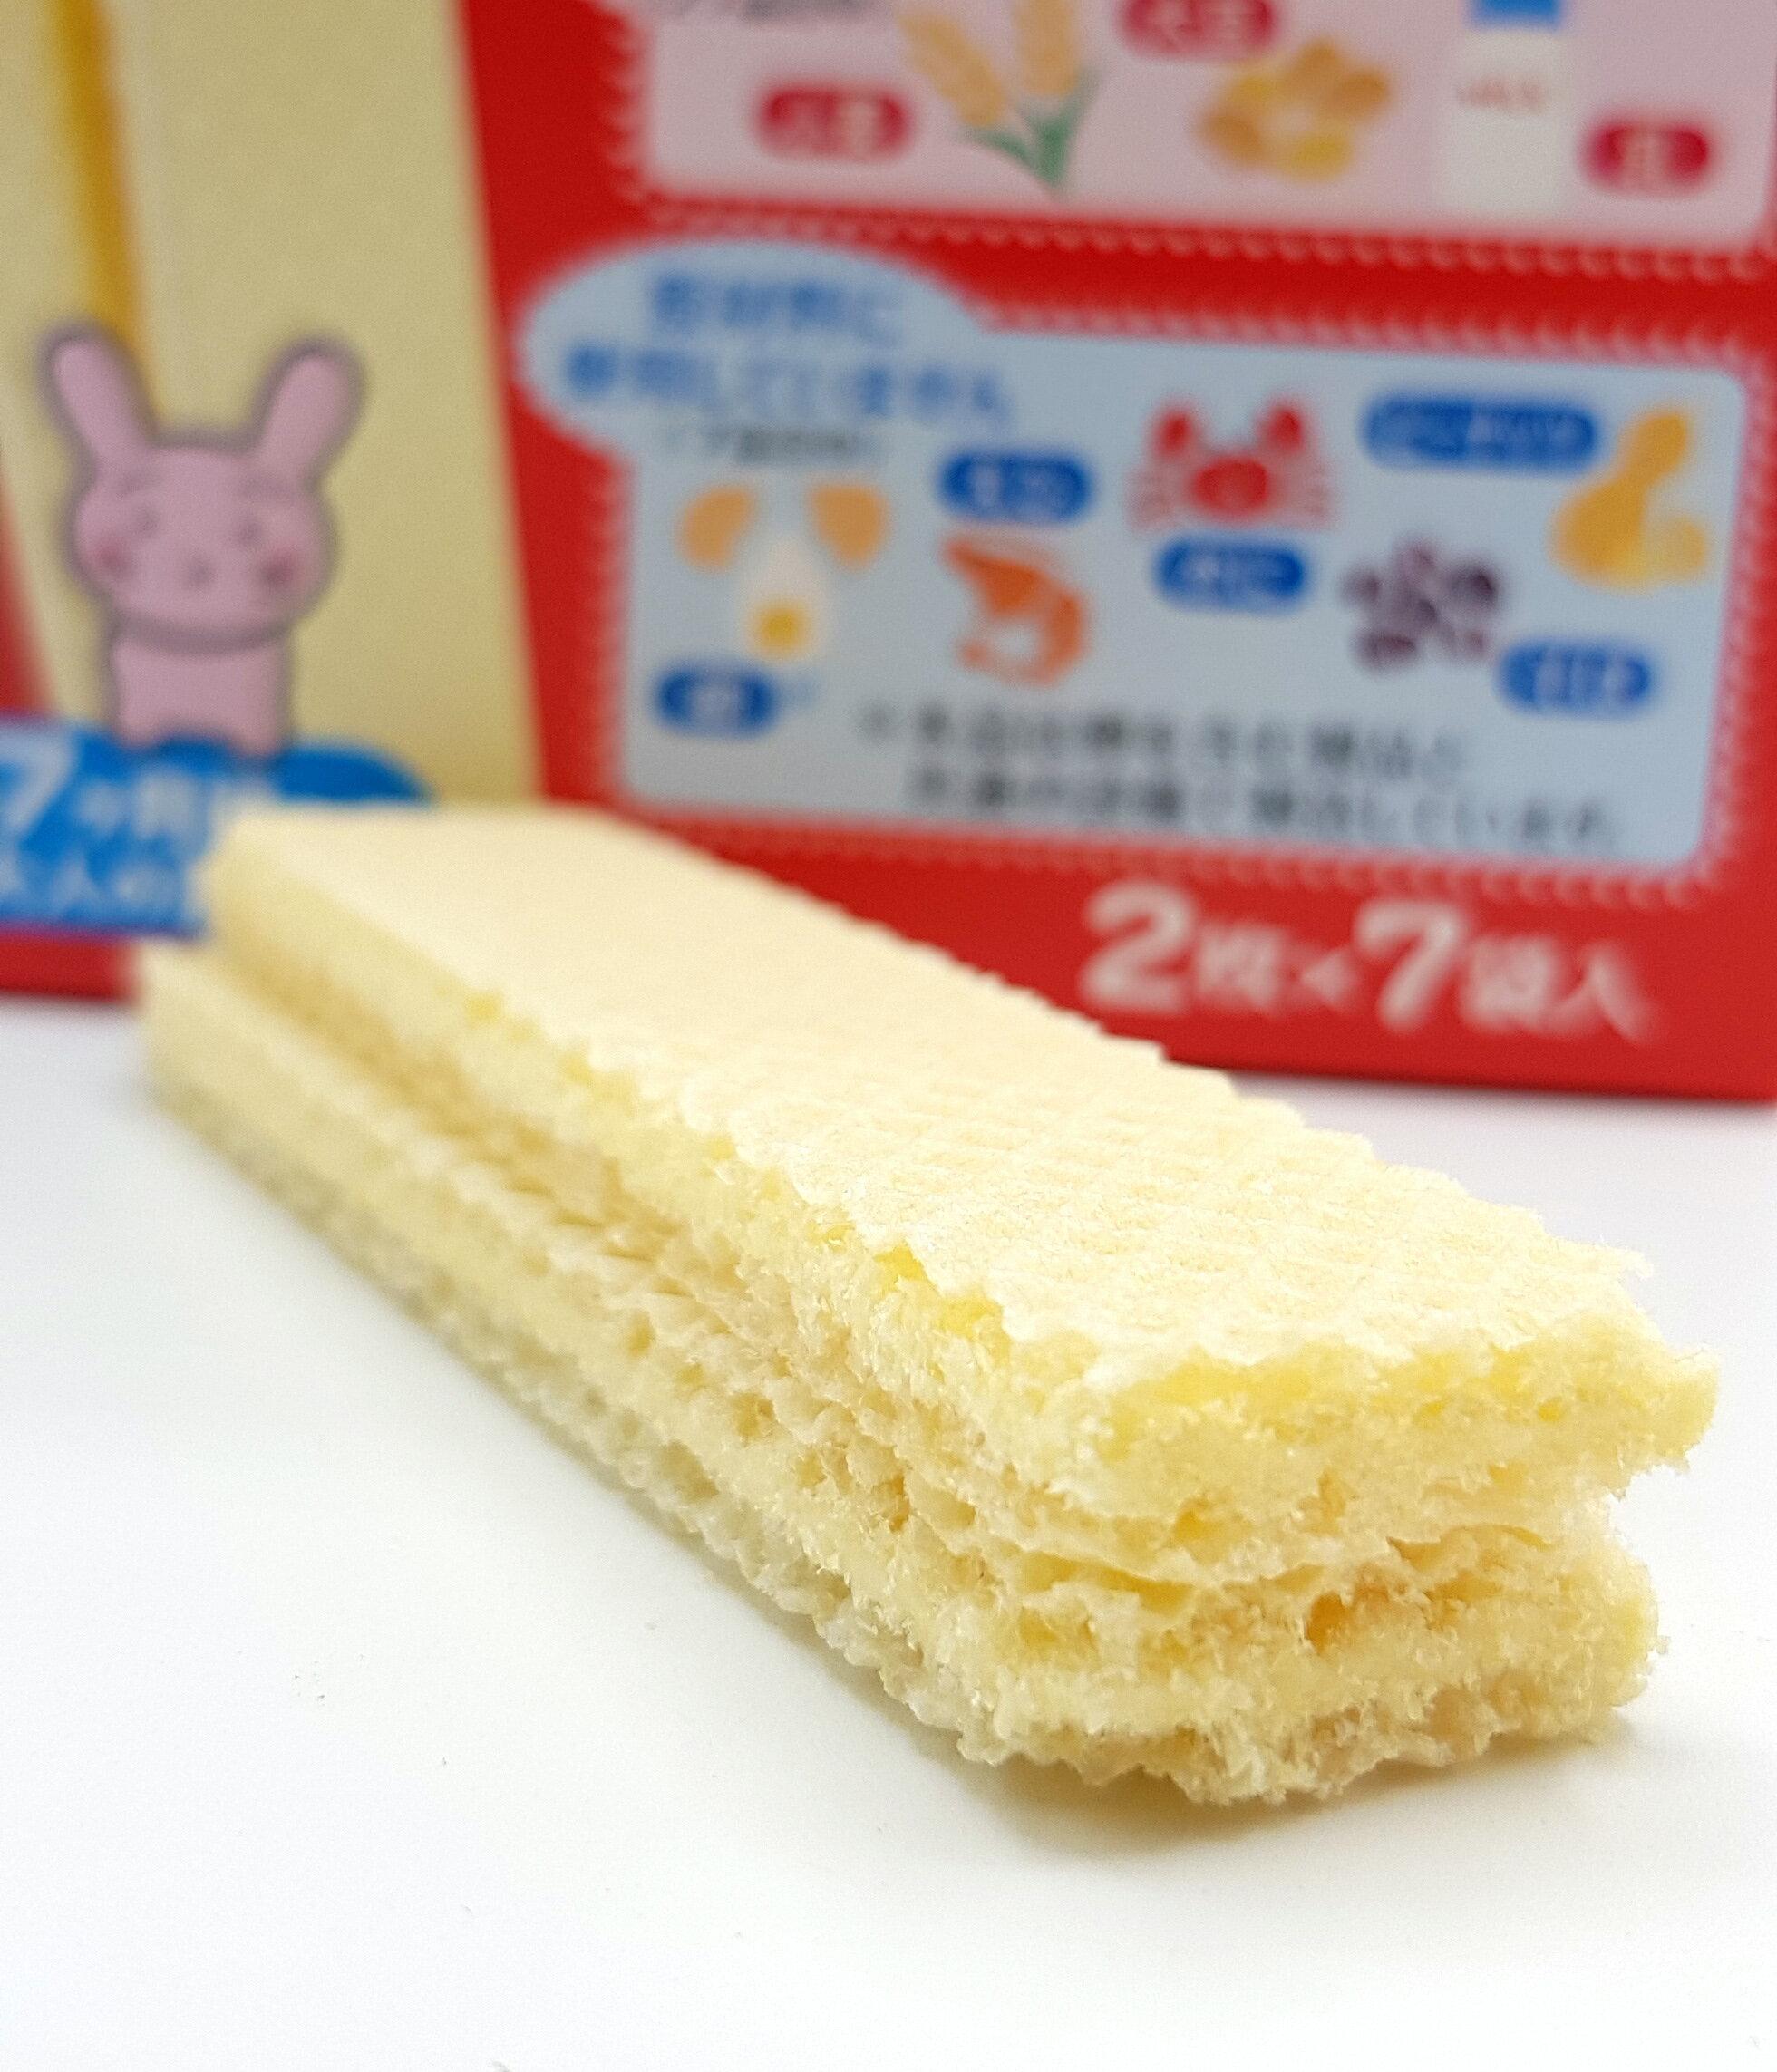 《Chara 微百貨》日本 森永 寶寶 幼兒 嬰兒 營養 點心 威化酥 蛋酥 小饅頭 餅乾 七個月以上 副食品 4